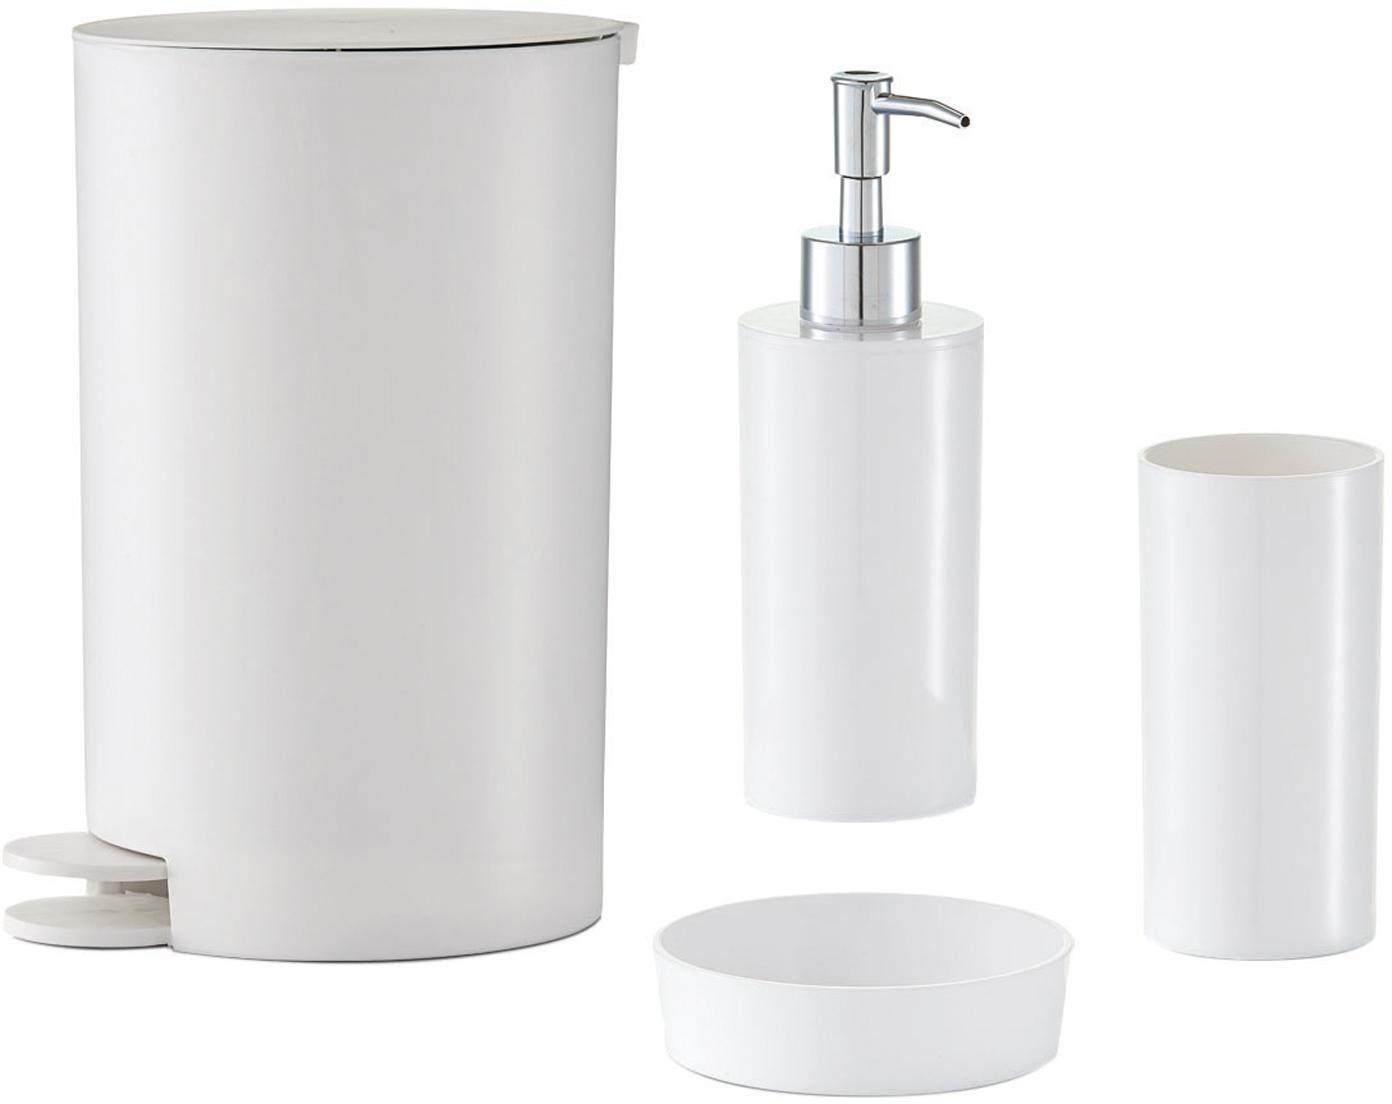 Set de accesorios de baño Nika, 4pzas., Plástico, Blanco, Set de diferentes tamaños